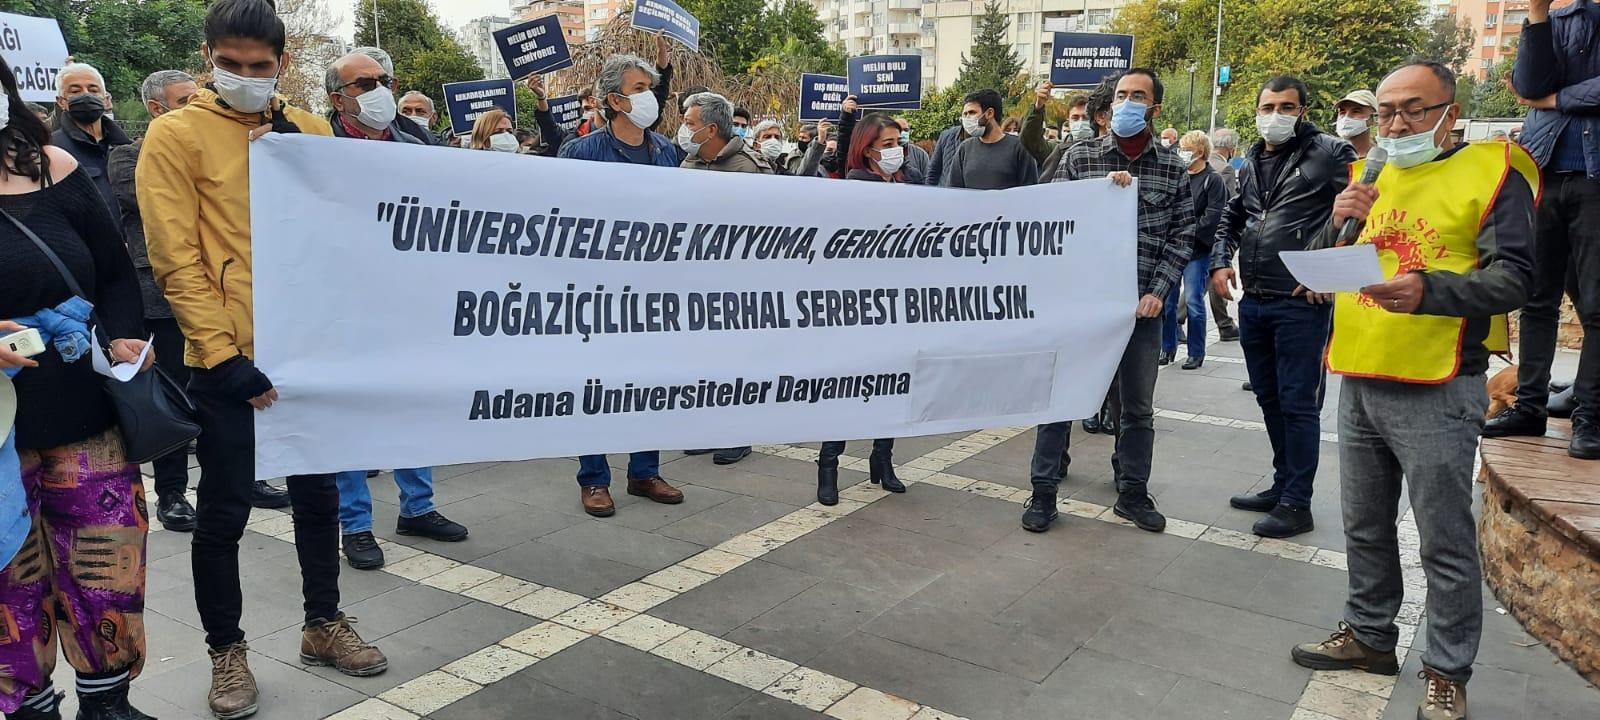 Aşağı Bakmıyoruz! Boğaziçi'nden Adana'ya Direnişi Büyütüyoruz!